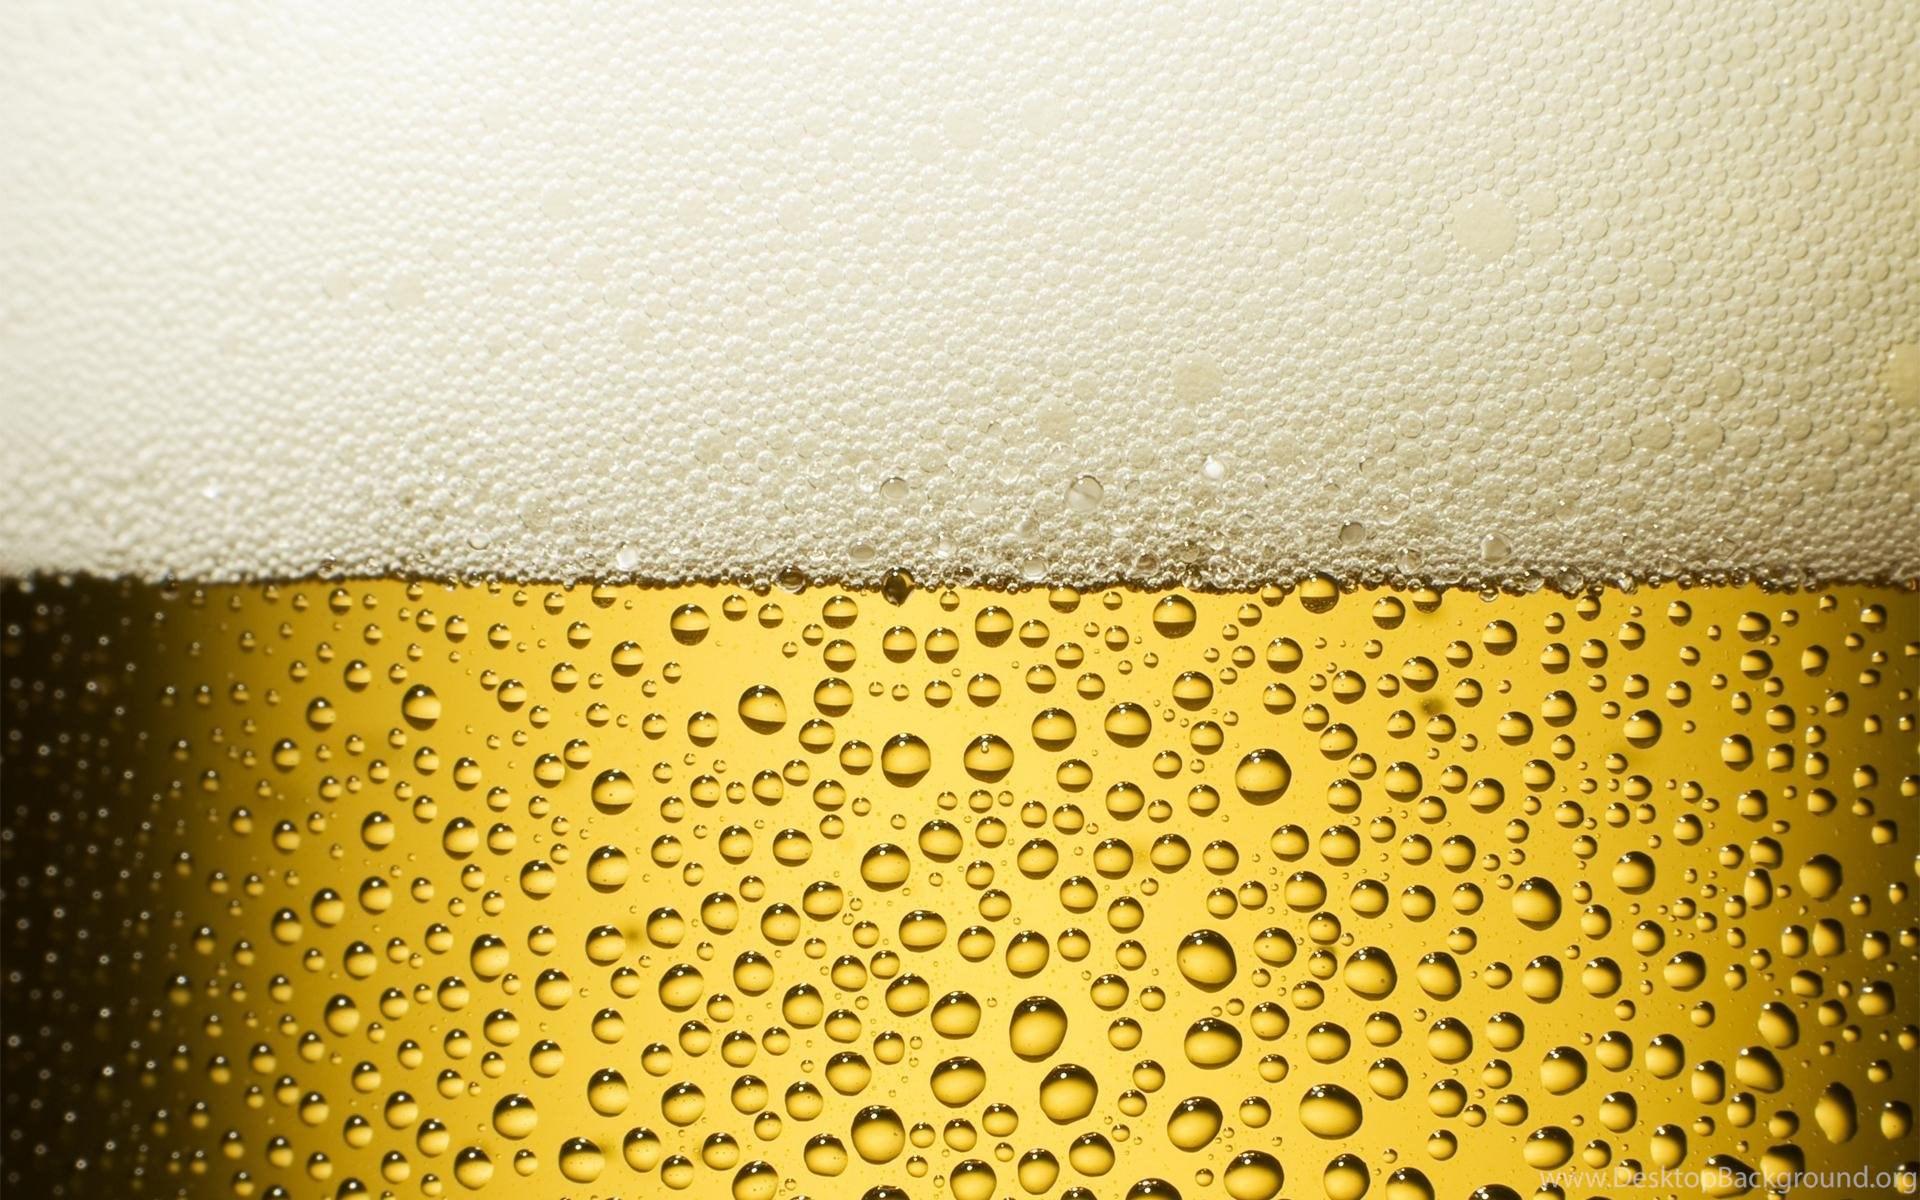 Bro Code Beer Hd Wallpaper: Beer Wallpapers Desktop Background